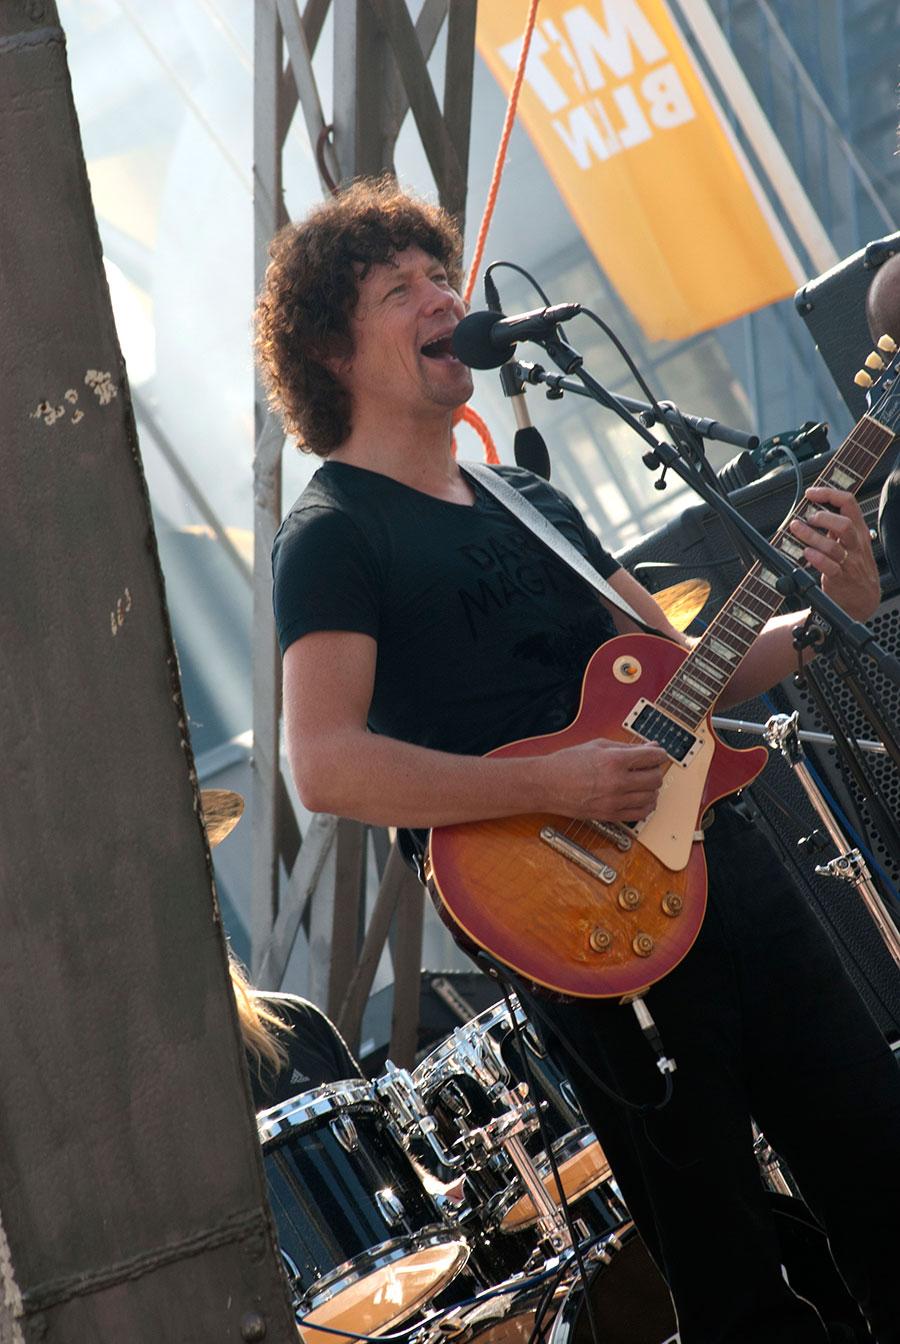 Zanger gitarist Ben Blaauw speelt blues en Rock met powertrio Hurricane Bob. Te boeken bij Ben's Bookings.